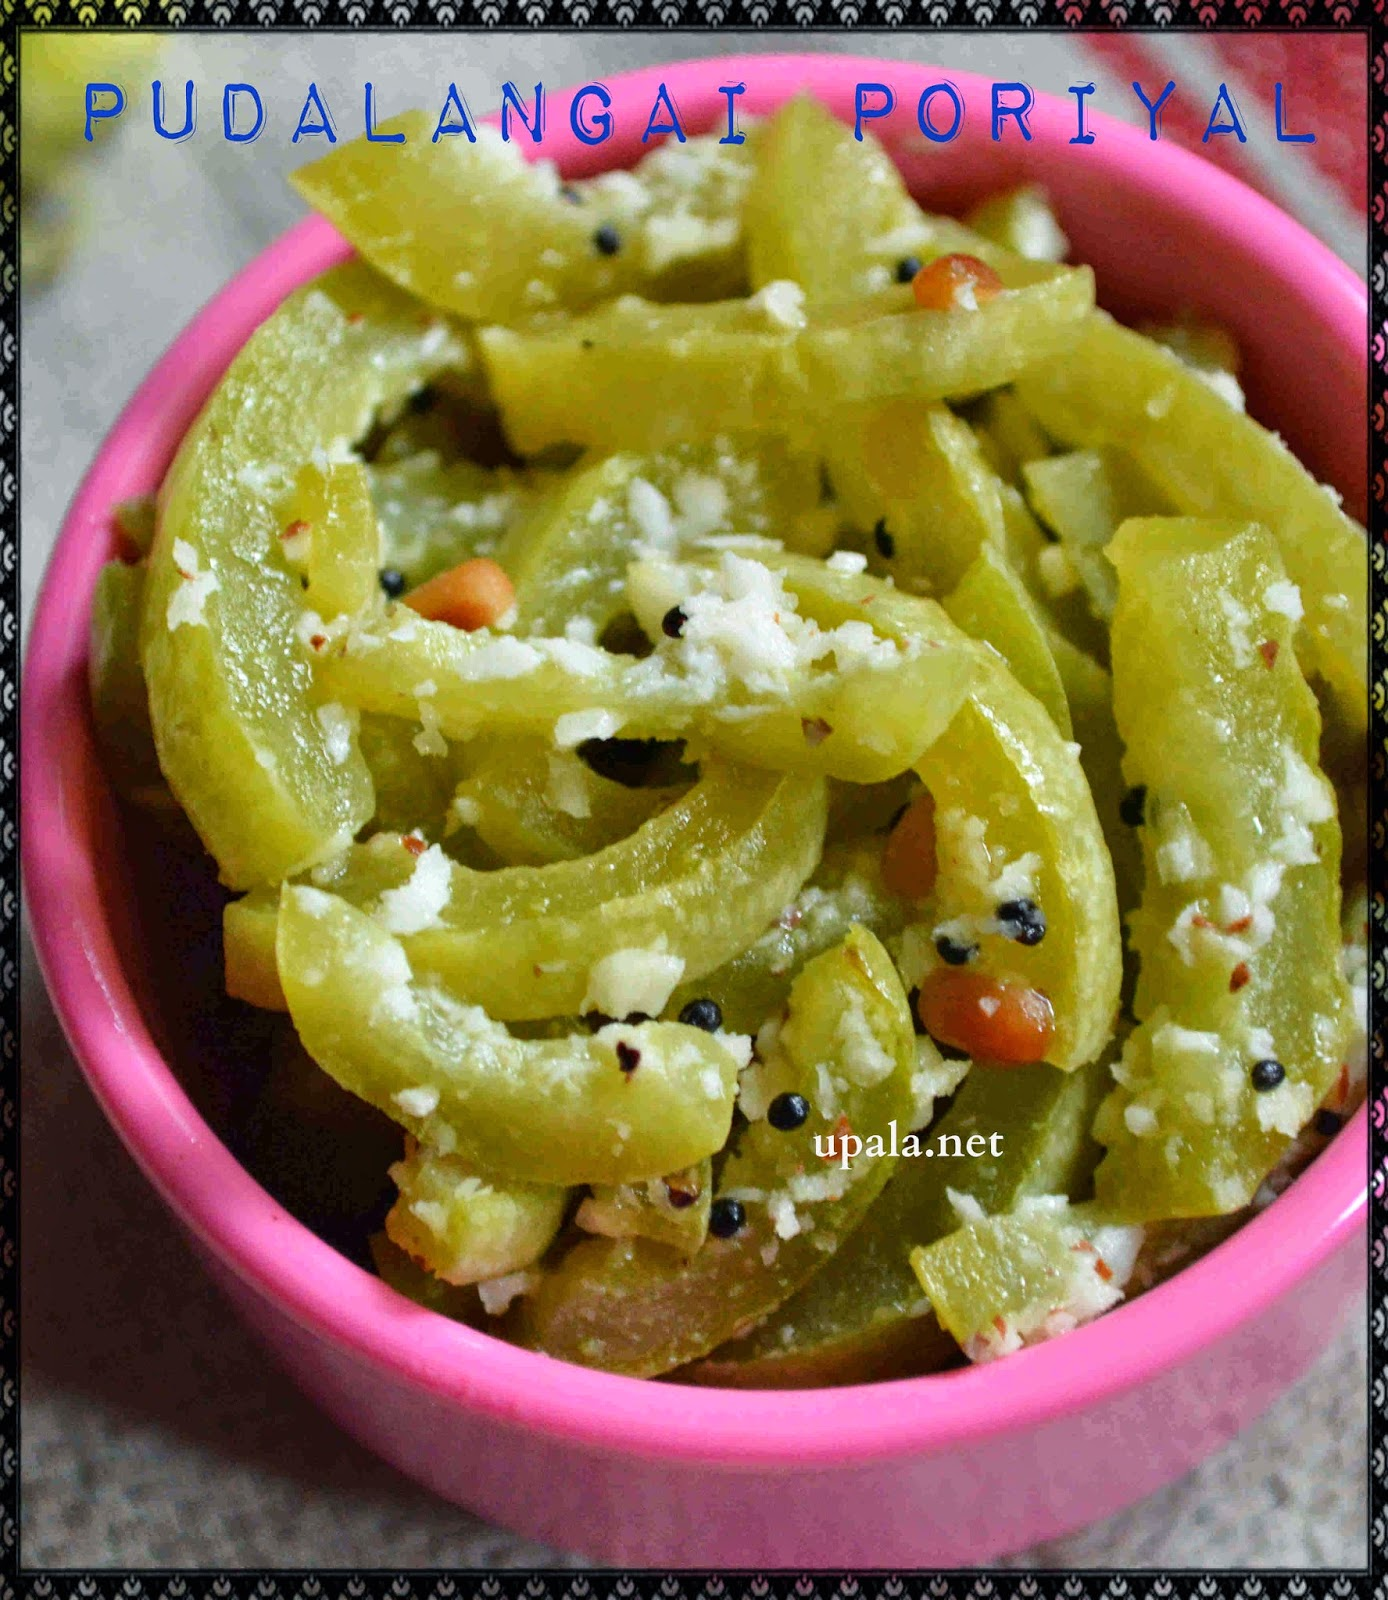 pudalangai poriyal/snake gourd